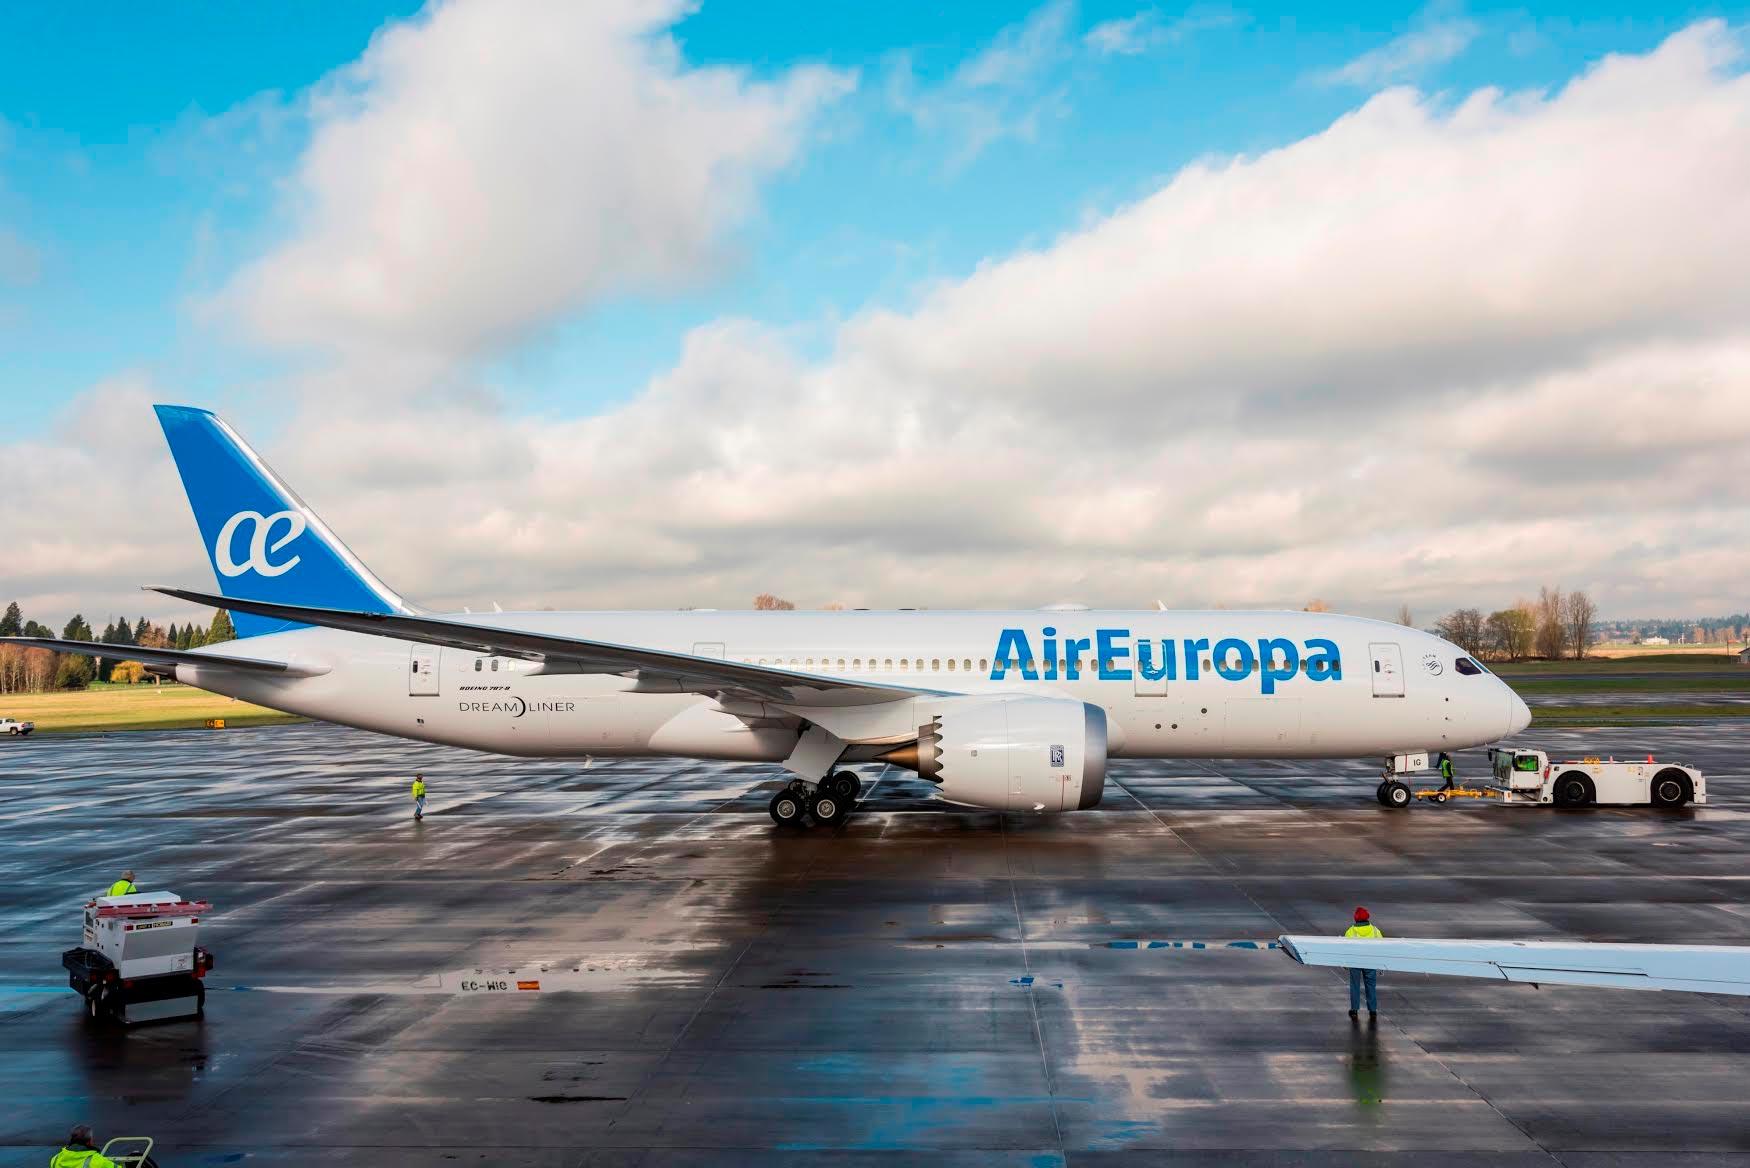 air-europa-avion-aeropuerto